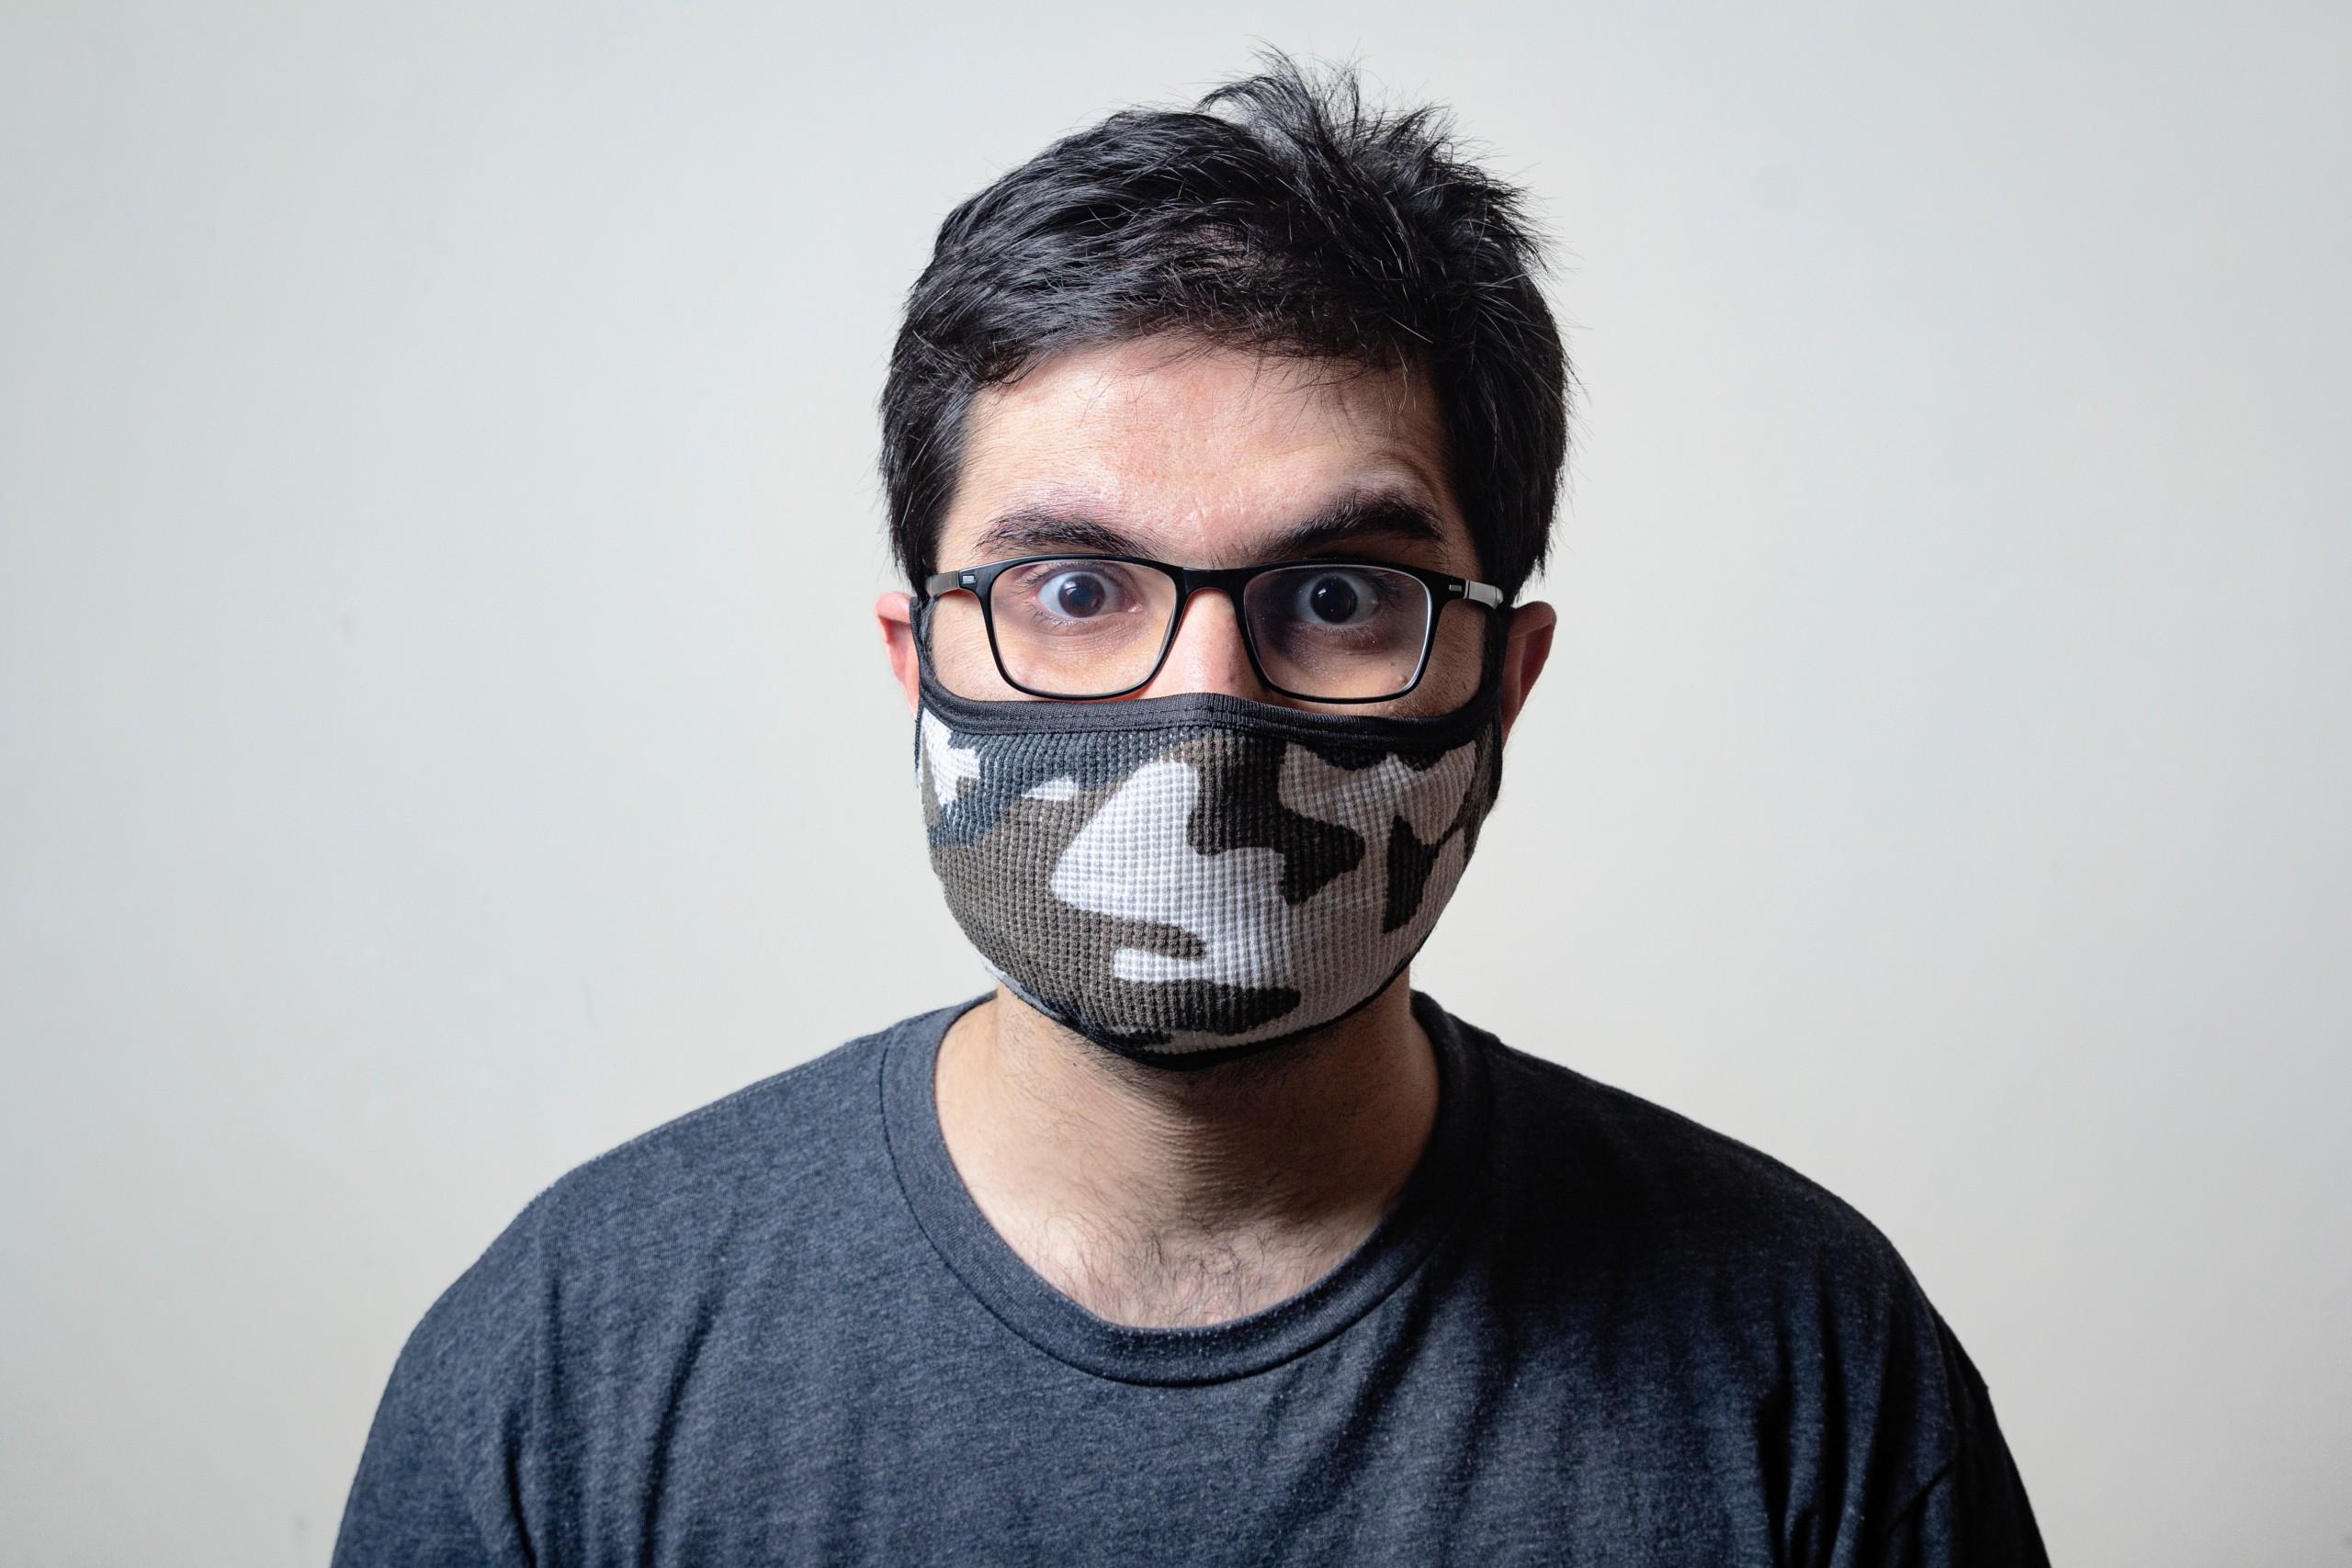 Bărbat care poartă mască de protecție